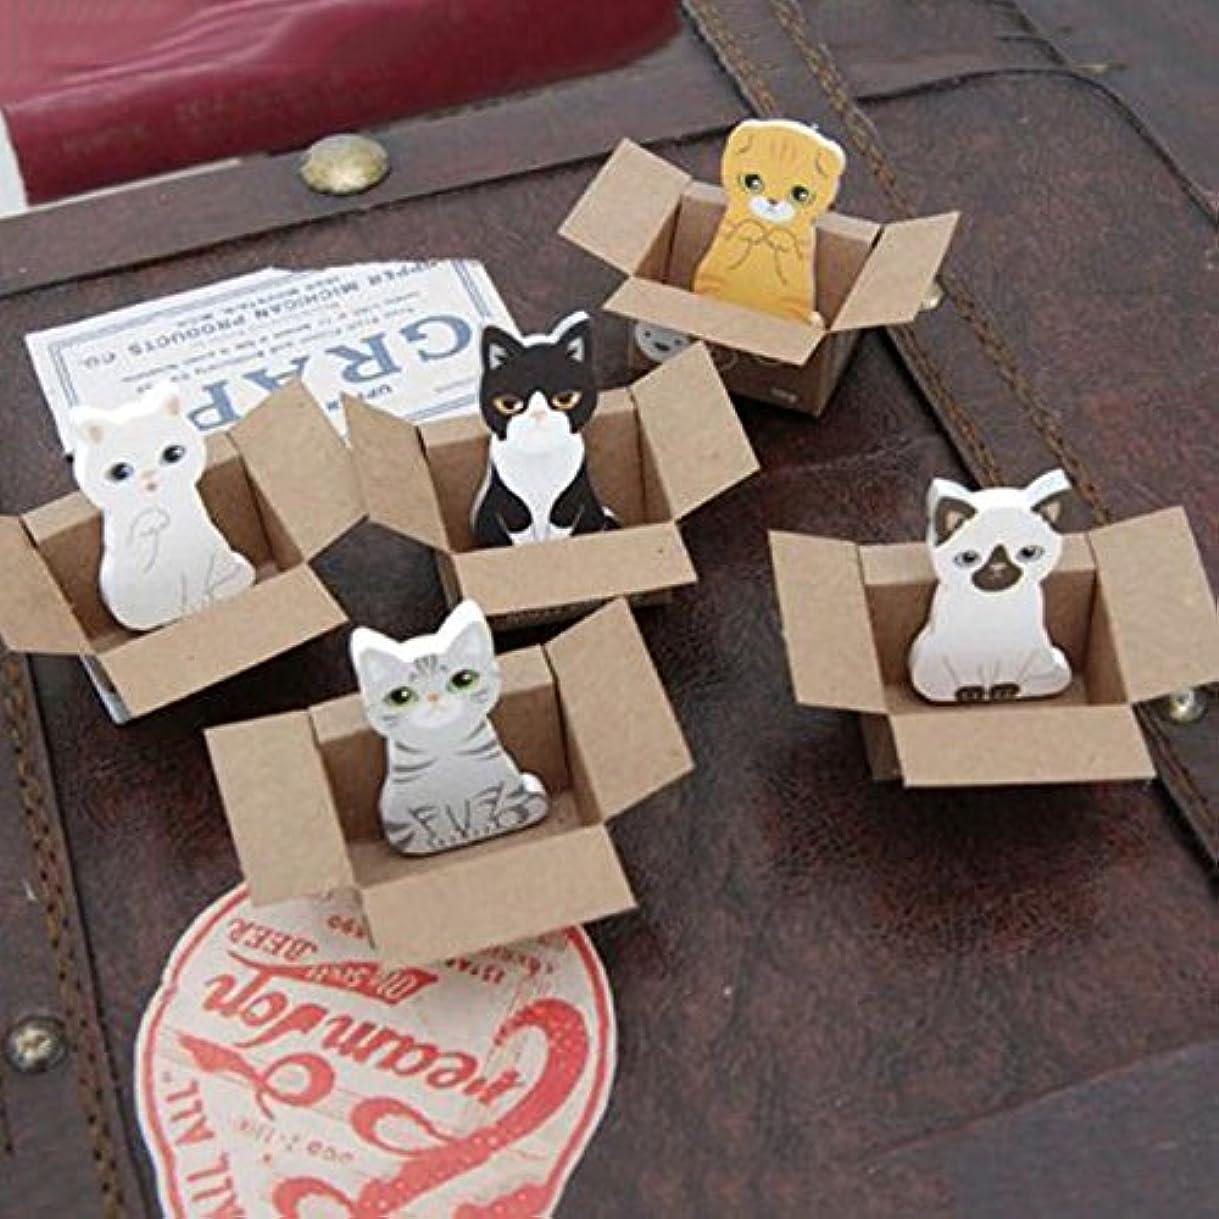 こどもの宮殿引き付けるプレートJicorzo - 3pcsの/たくさんおかしい犬猫ステッカーホームデコレーションかわいい表デスクトップ装飾装飾は、それが紙に注意してください投稿します